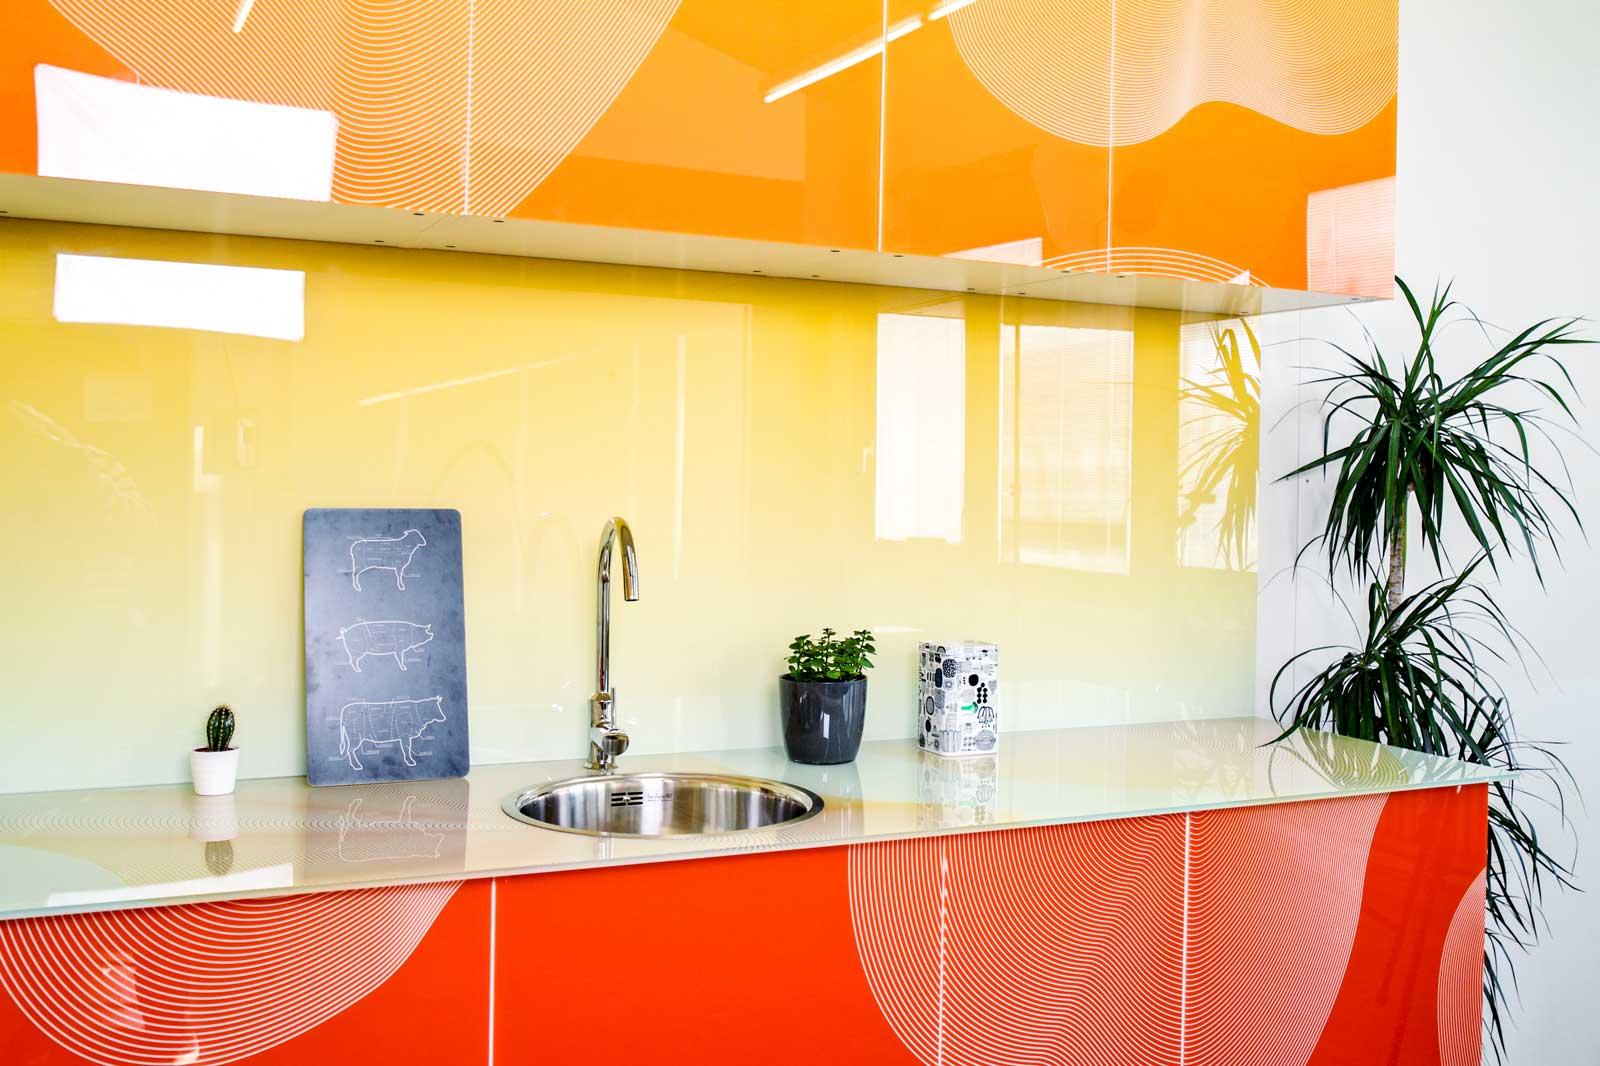 Bedrucktes Glas in der Küche - für Kücheneinrichter